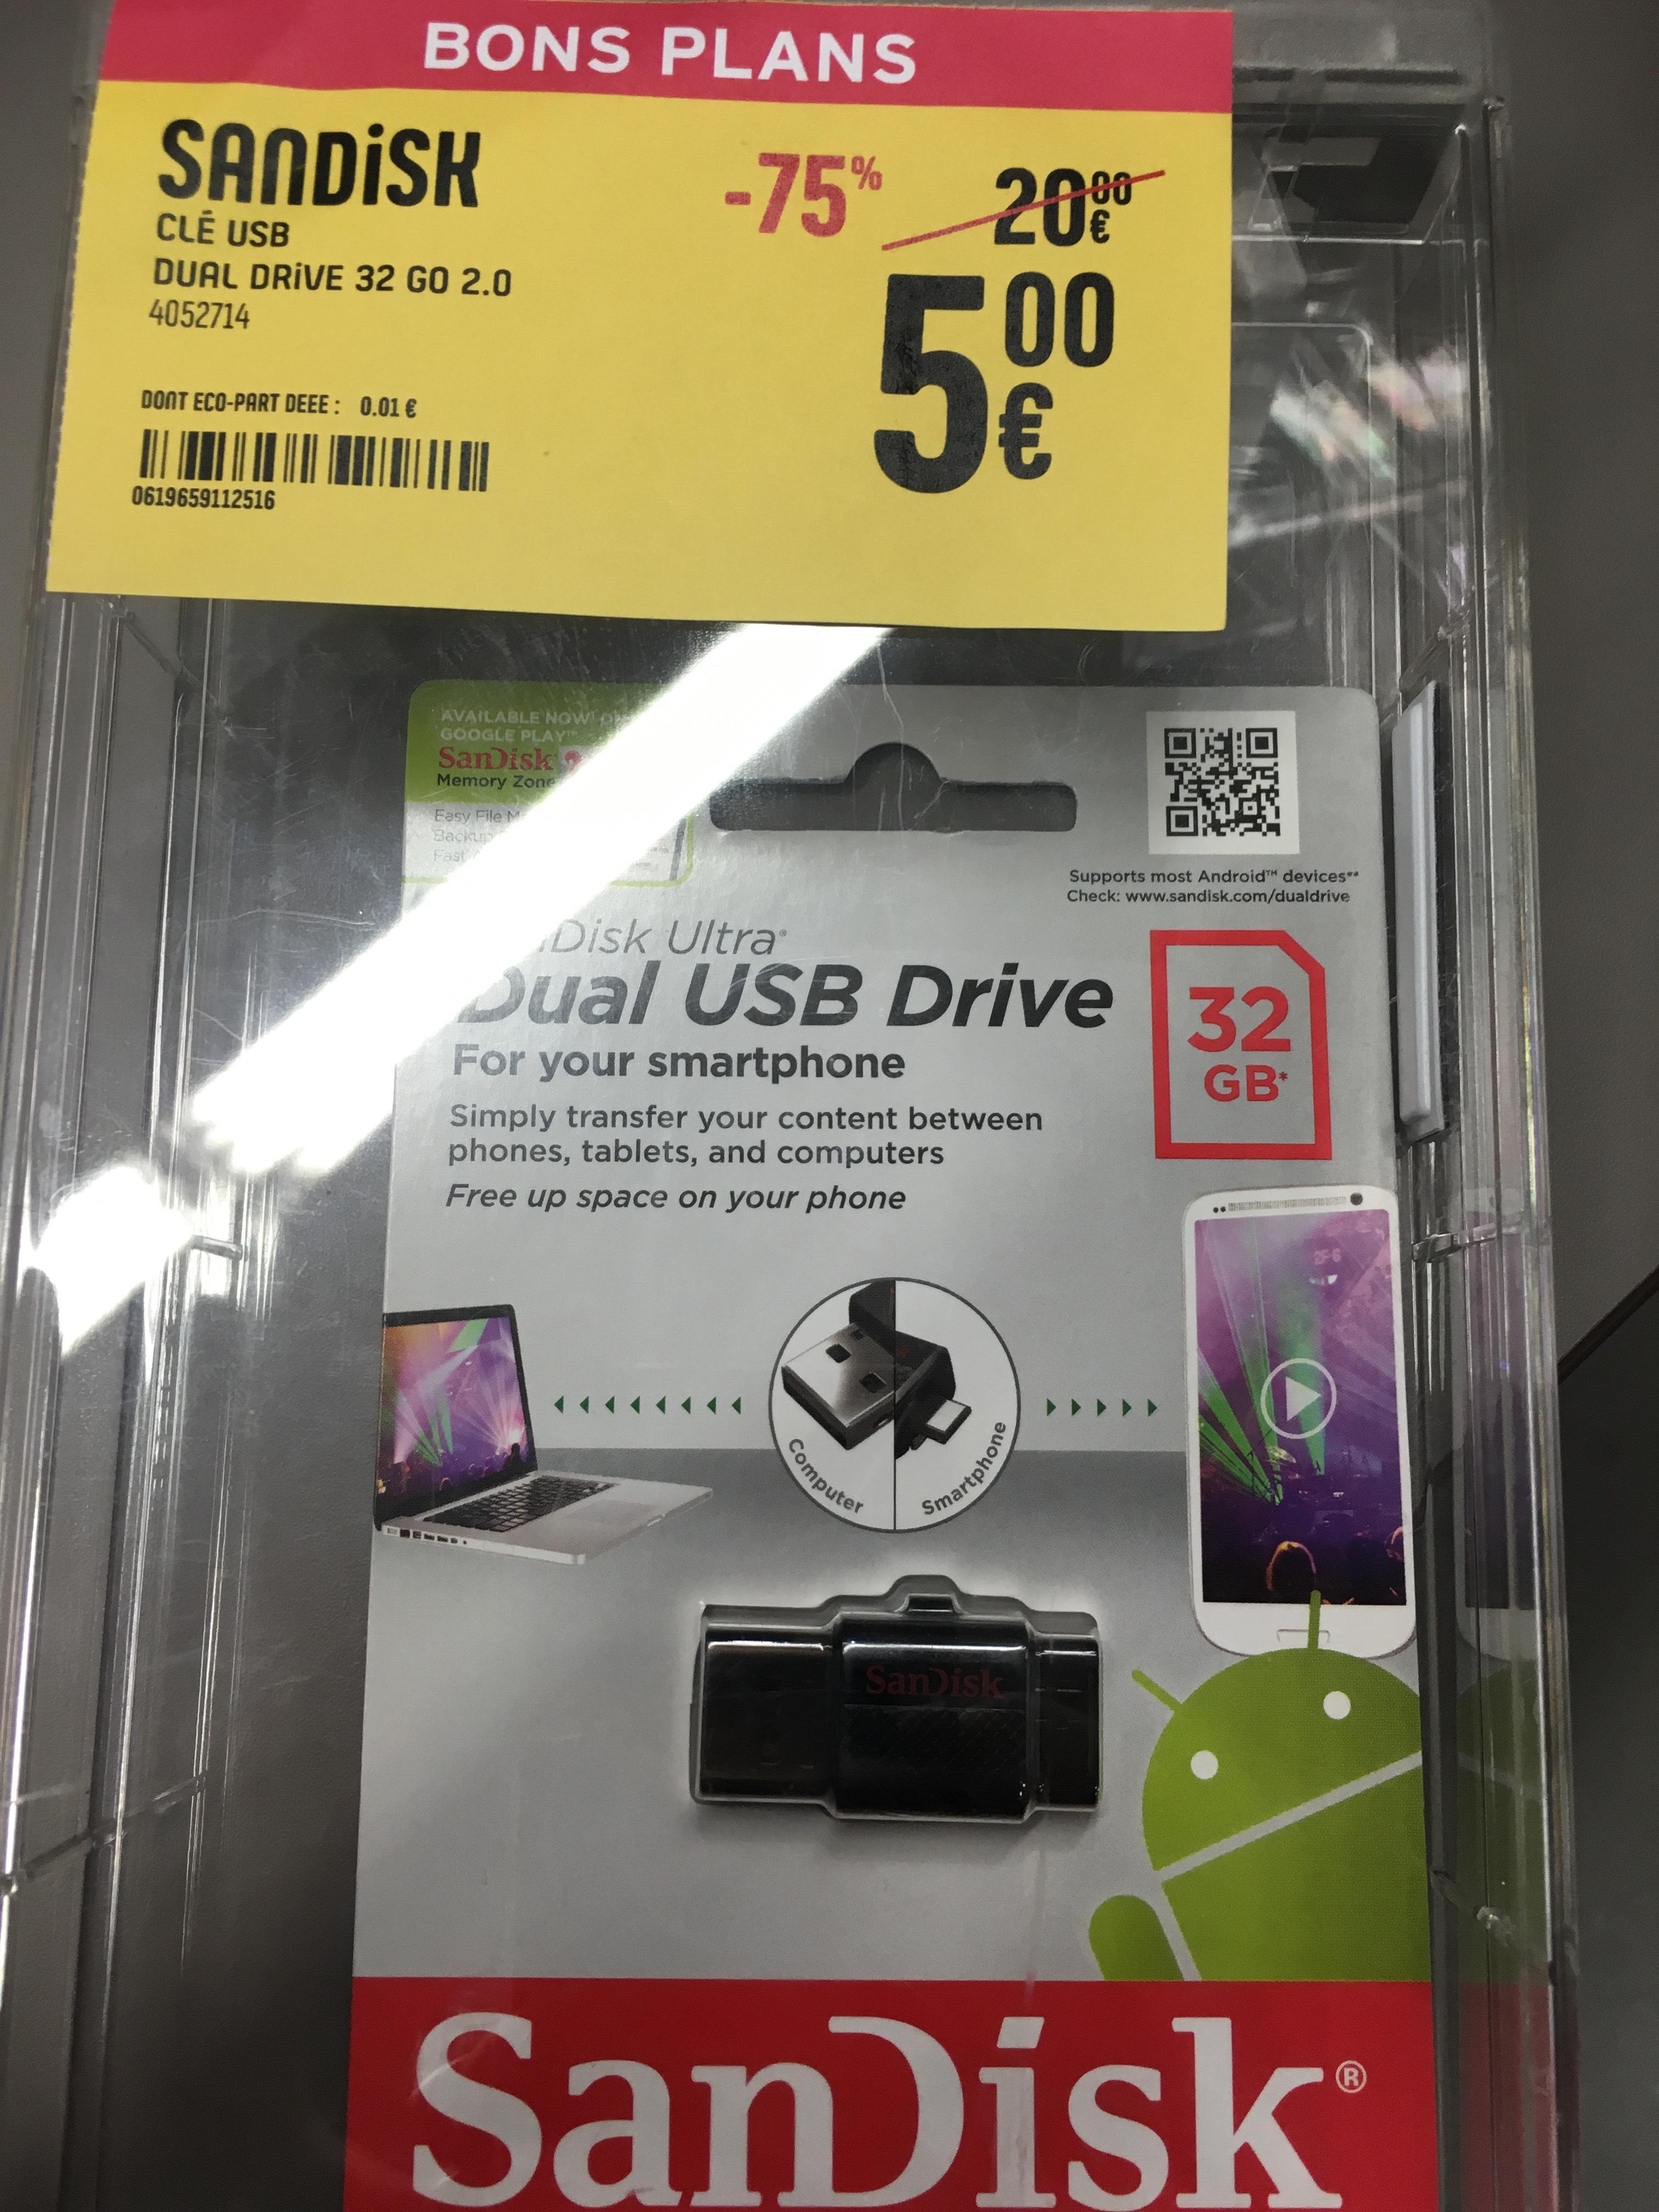 Clé USB 2.0 SanDisk USB Dual Drive - 32Go